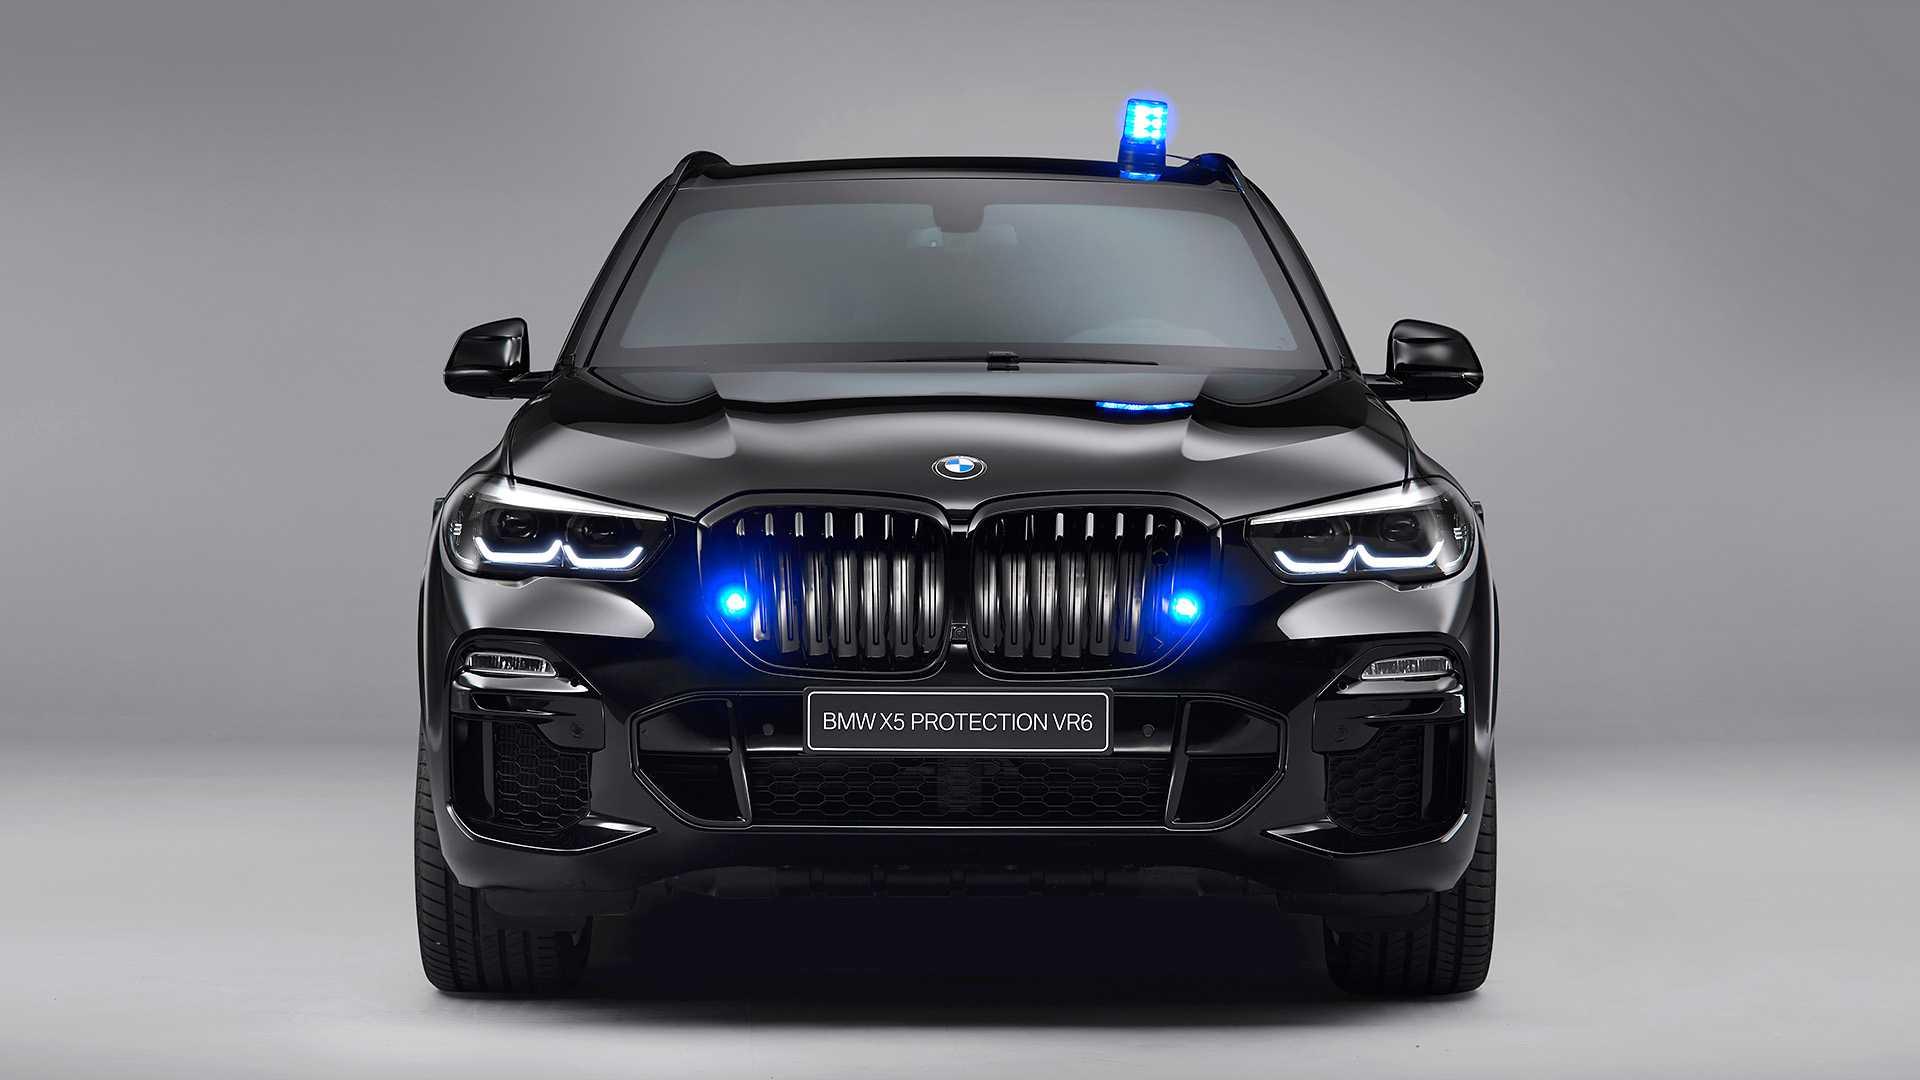 BMW X5 blindatu berria fusil eta ... drone baten erasoari aurre egiteko sortu zen